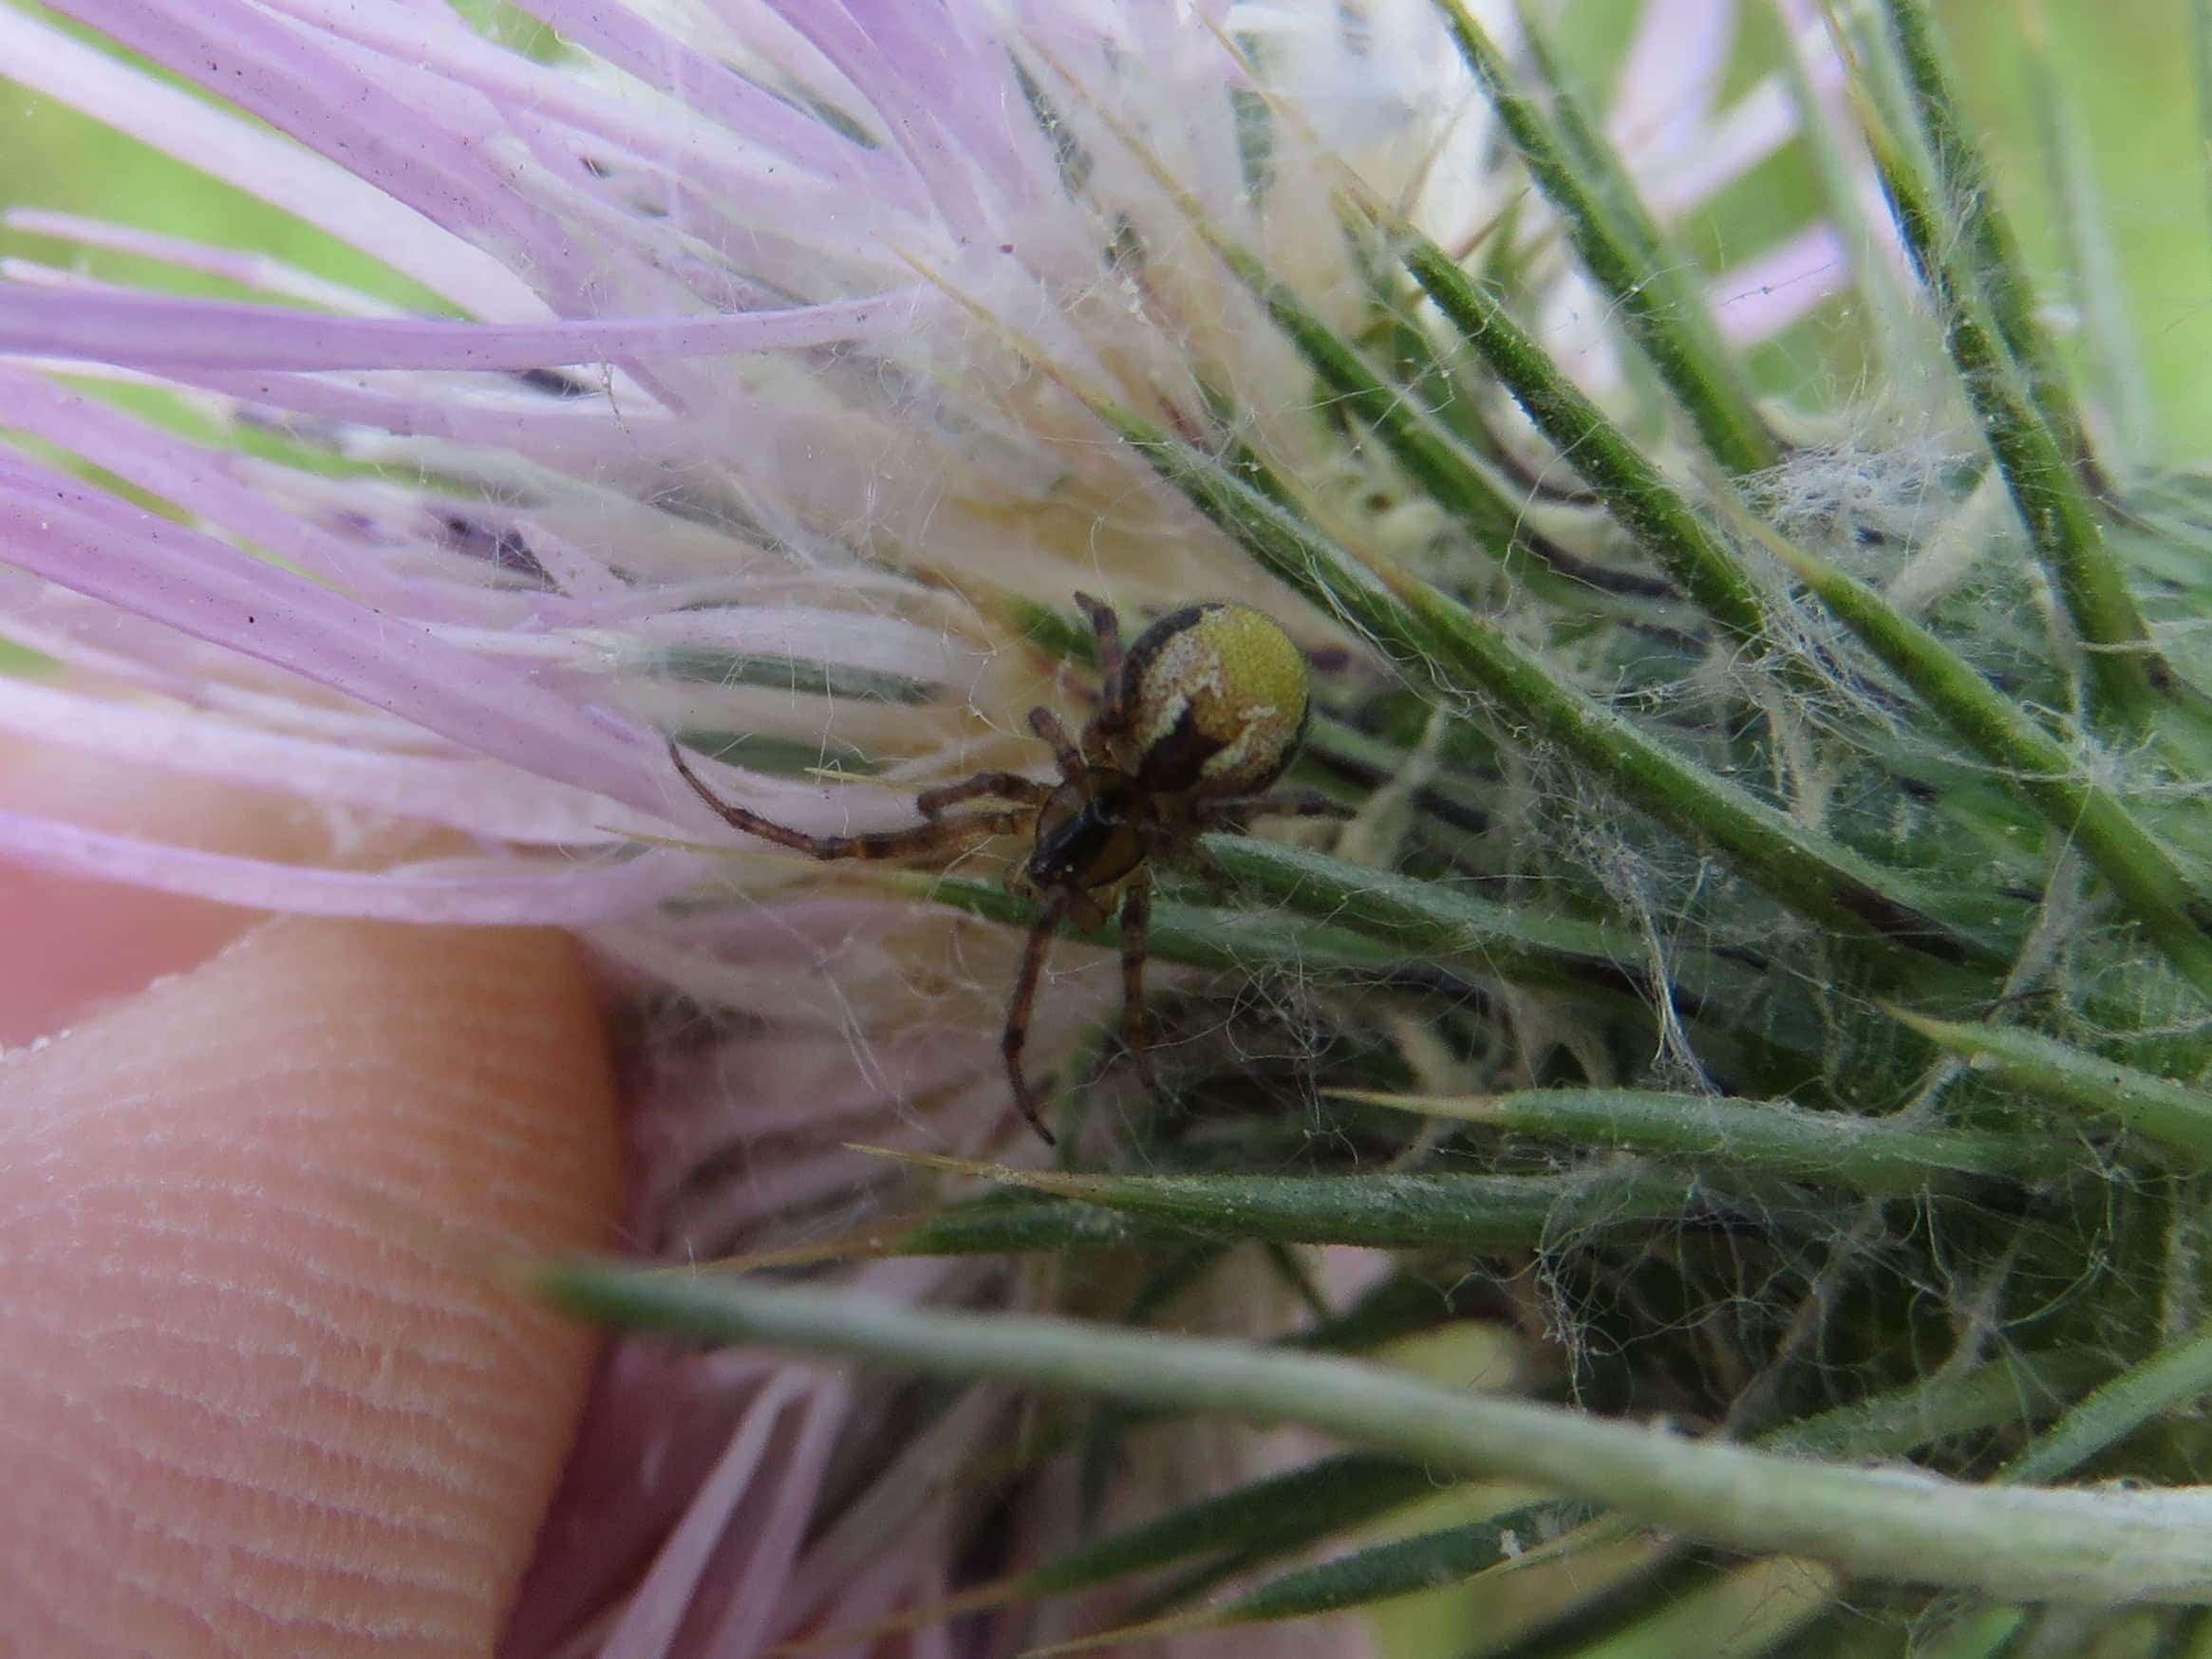 Picture of Anelosimus (Social Cobweb Spiders) - Dorsal